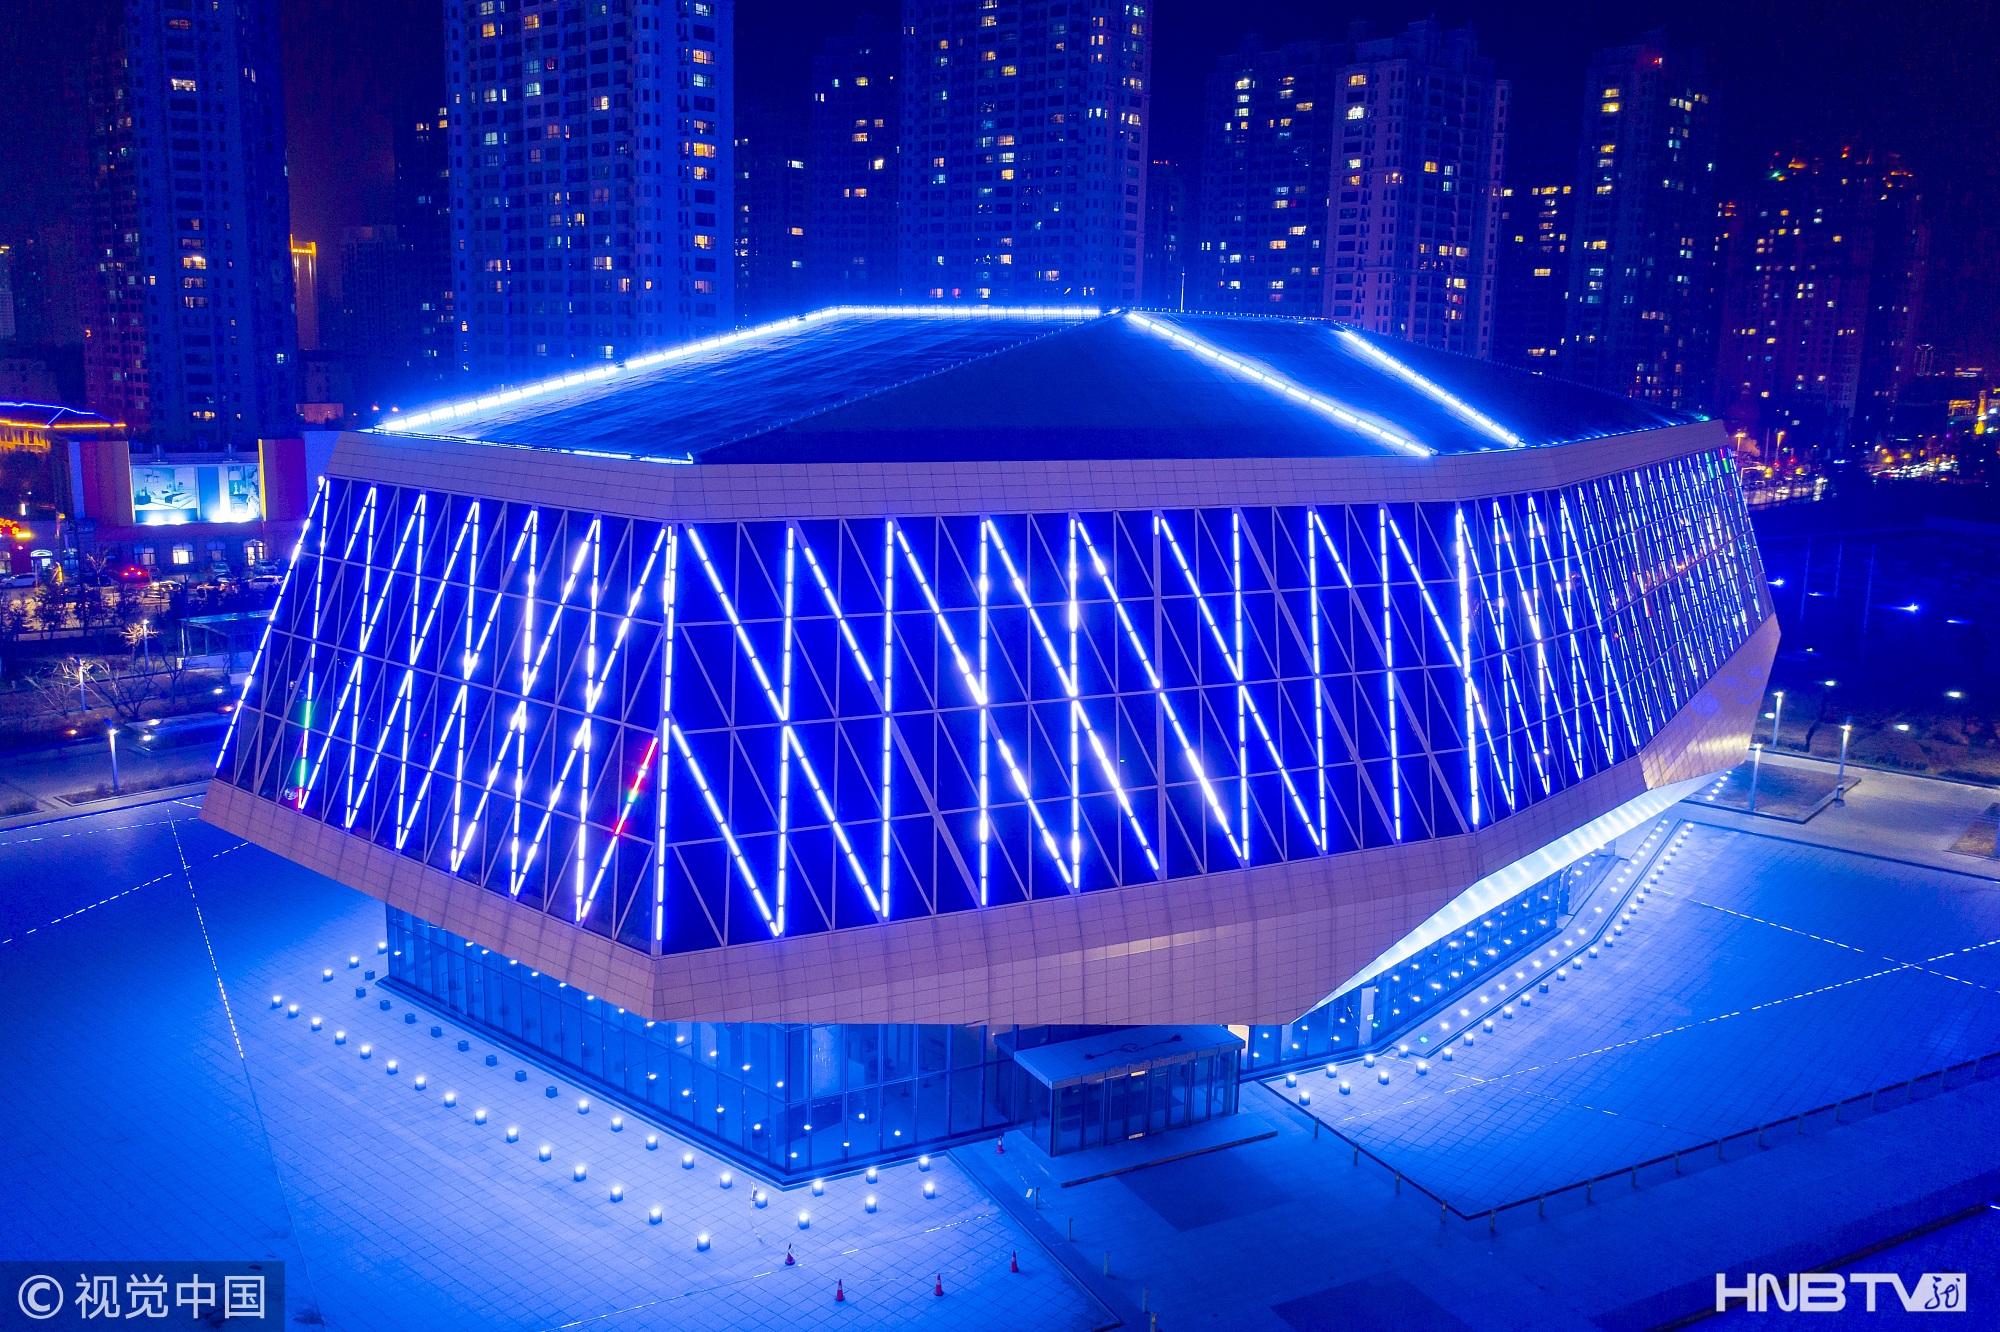 航拍哈尔滨音乐厅夜景 宛如靓丽水晶